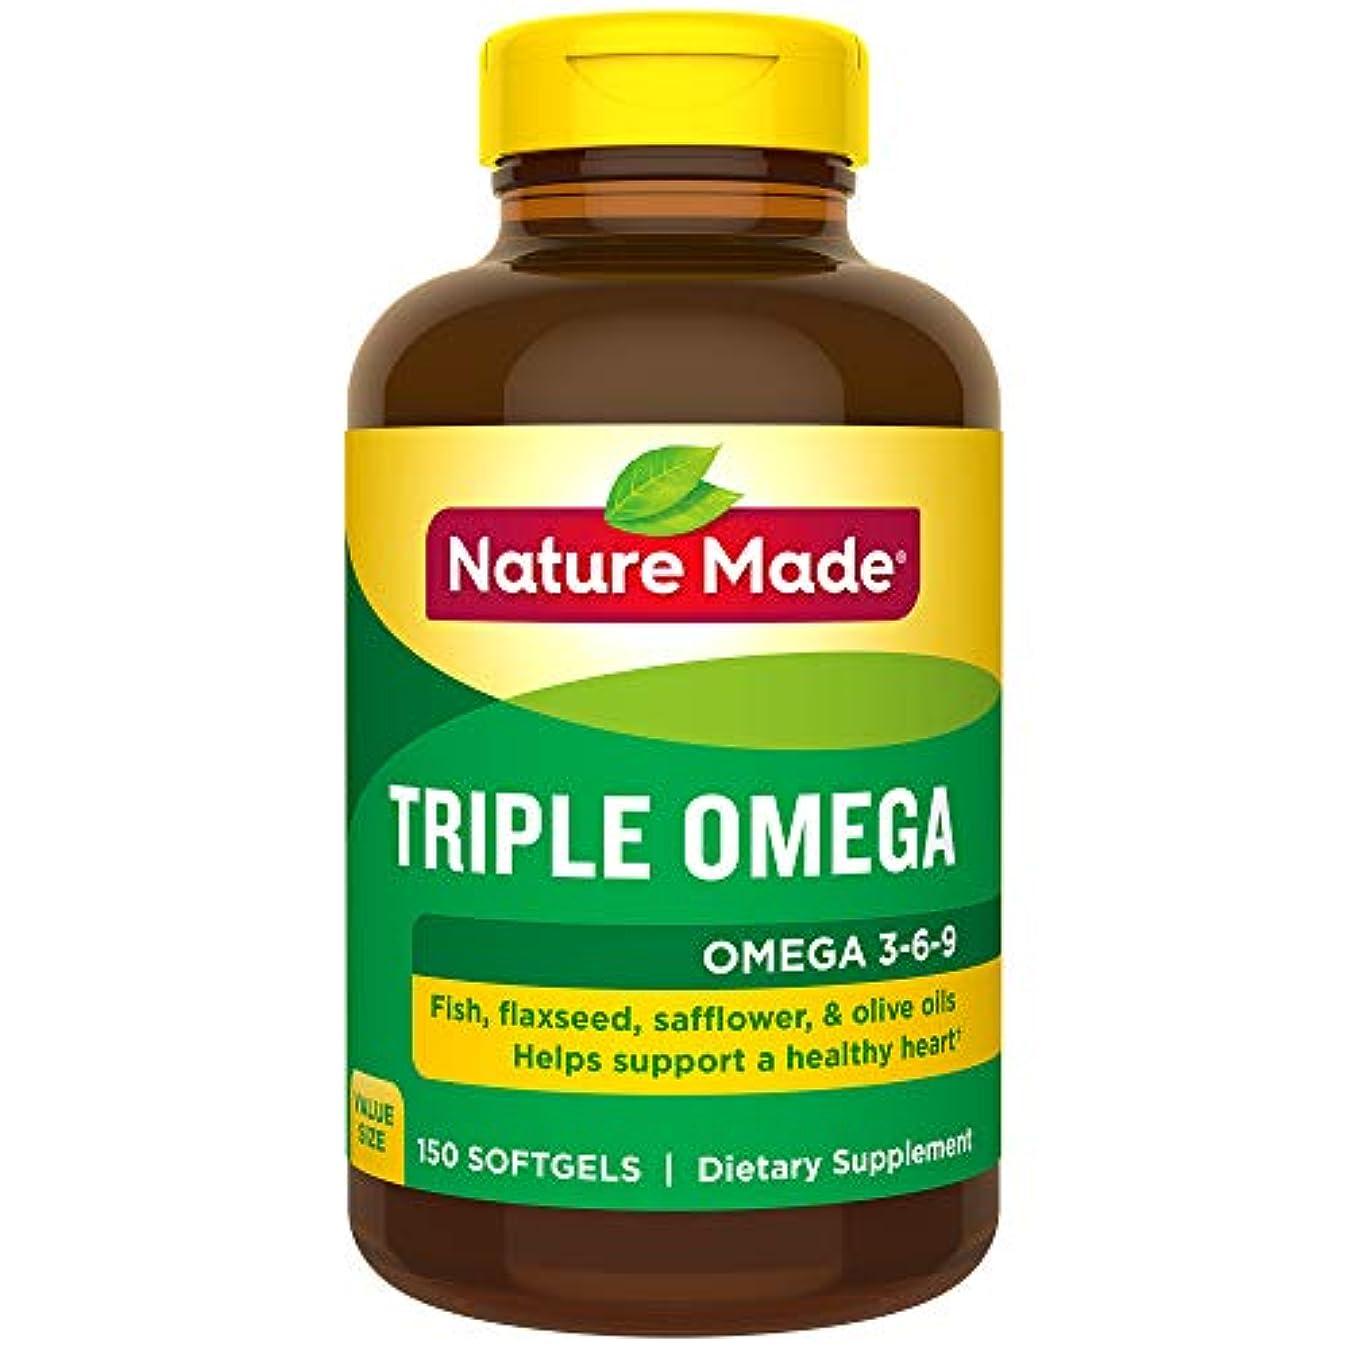 休憩するエンジニアリング病院Nature Made Triple Omega 3-6-9, 150 Softgels 海外直送品